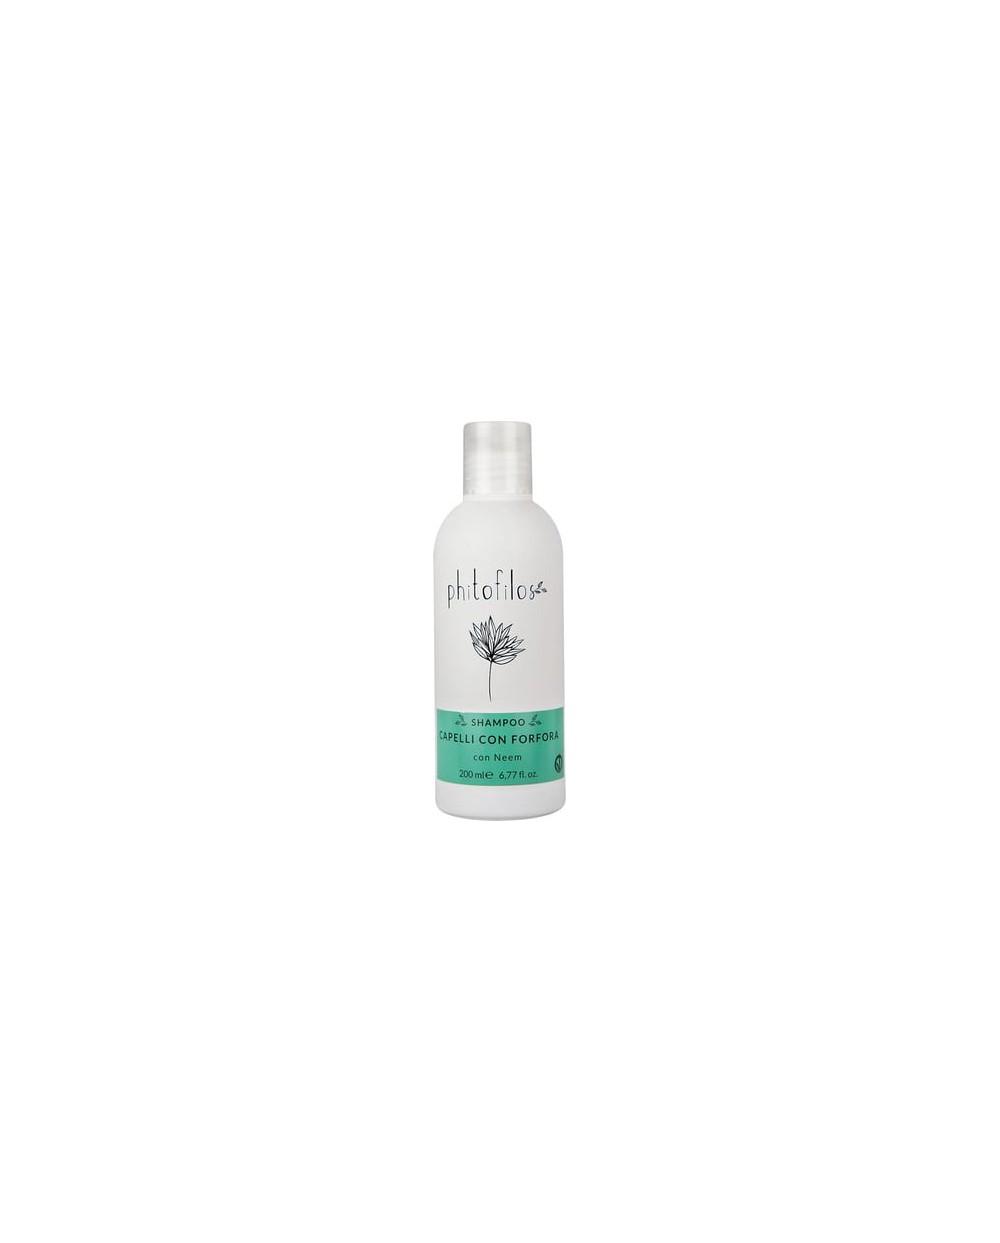 Phitofilos - Shampoo Rinforzante Miglio 200ml